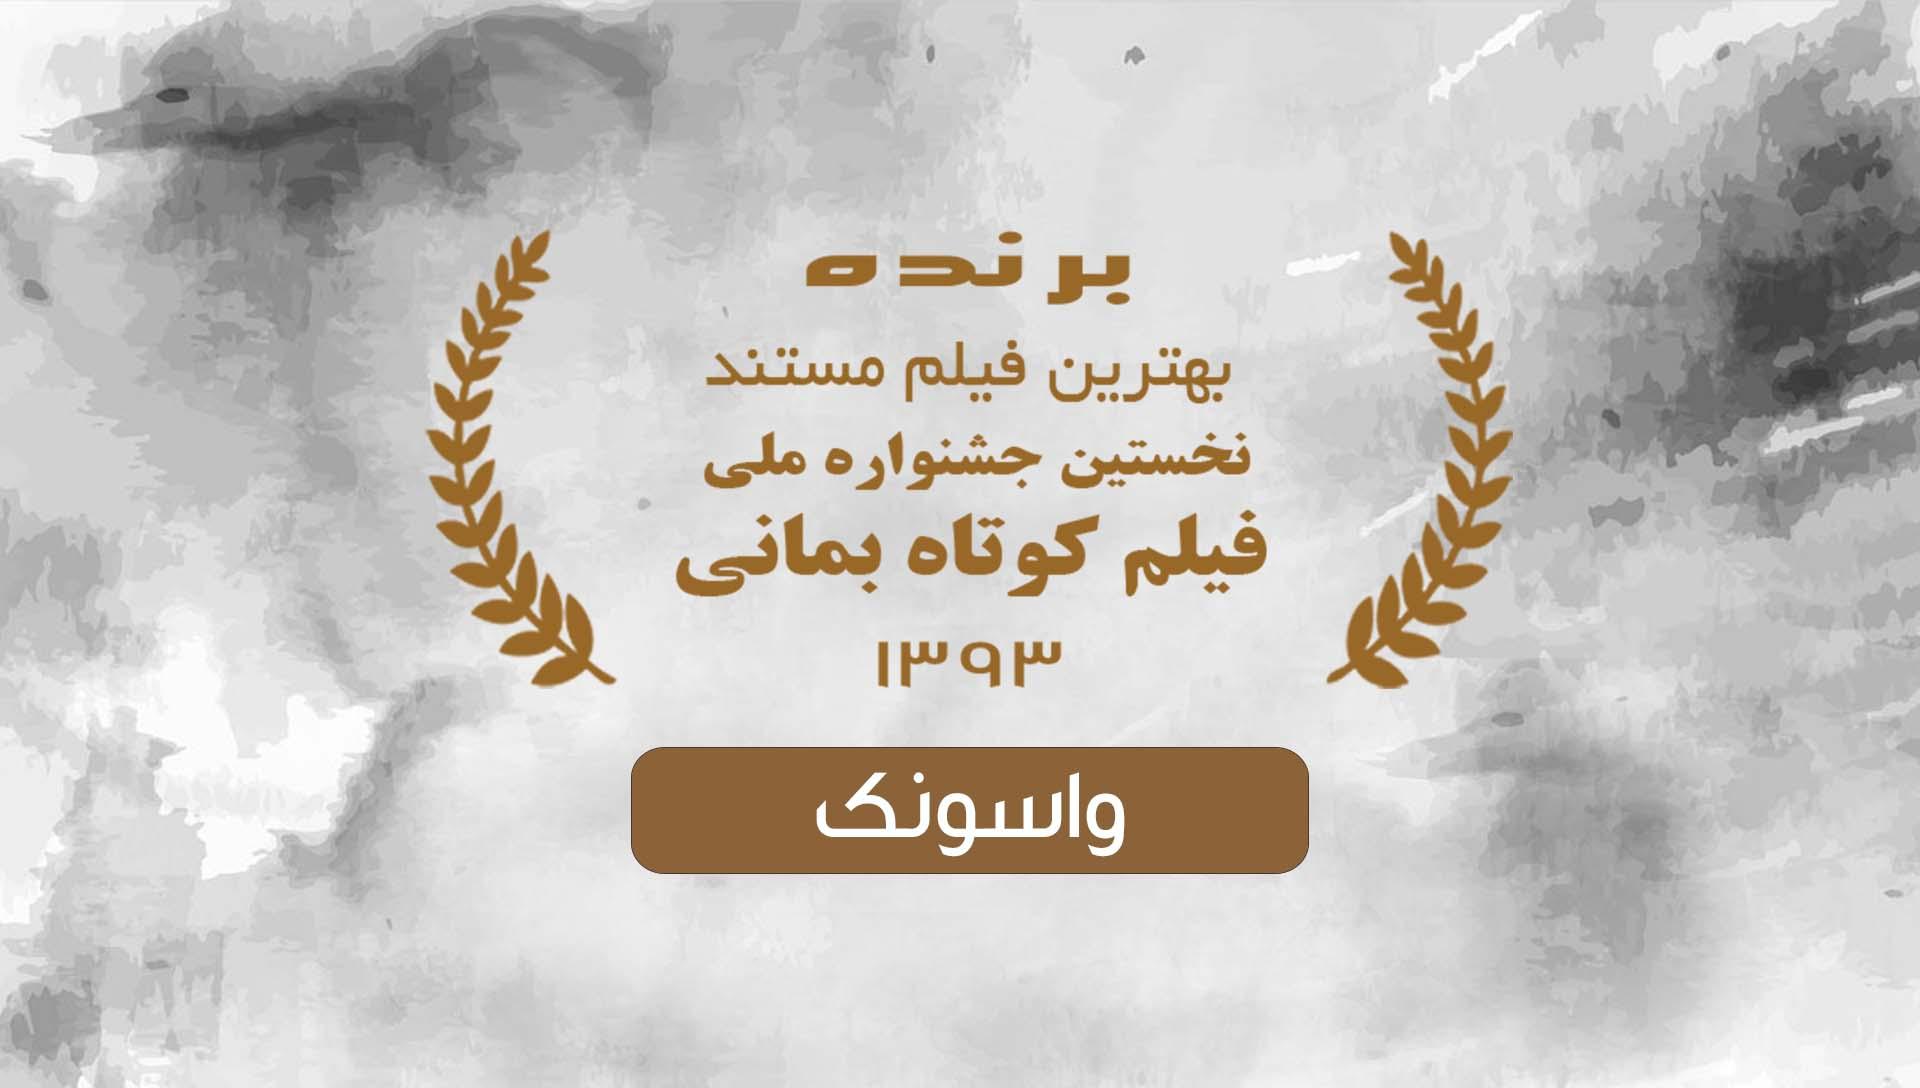 جشنواره فیلم کوتاه بمانی 93 - شرکت فیلم سازی زوم شیراز برادران شریفی